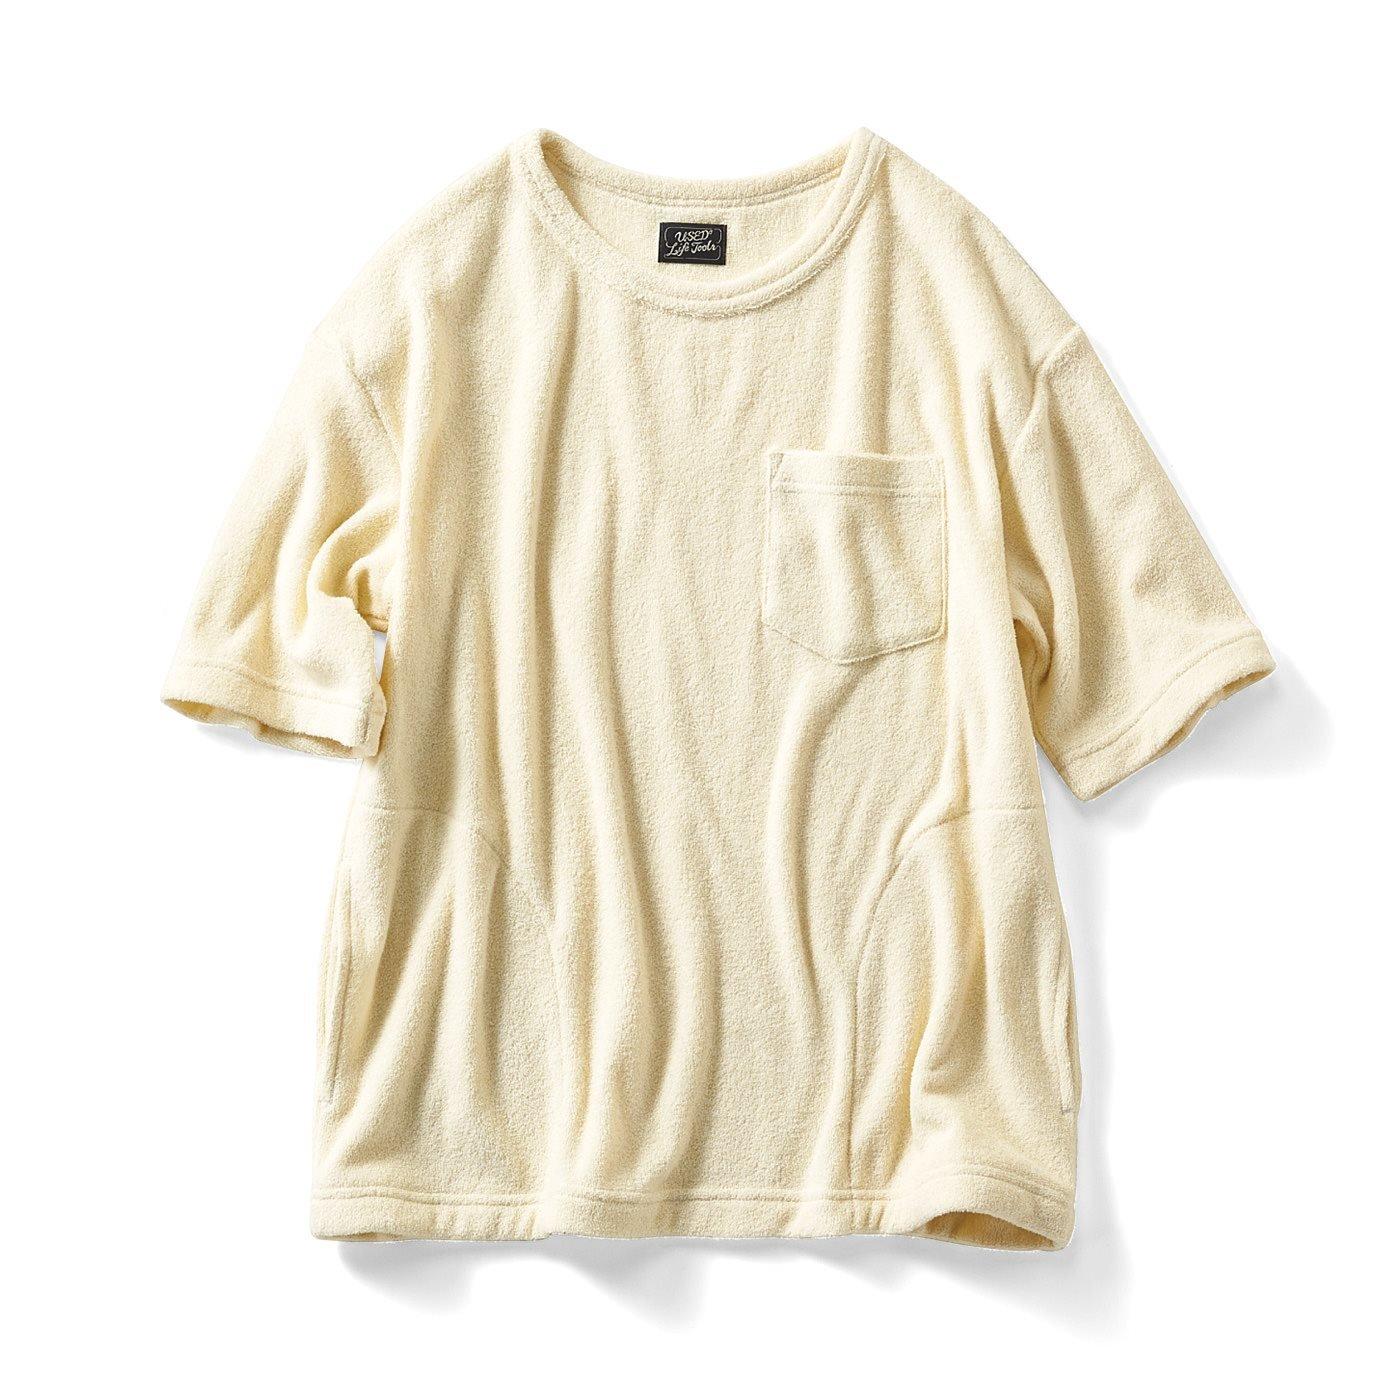 古着屋さんで見つけたようなパイルのゆったりTシャツ〈チャコール〉